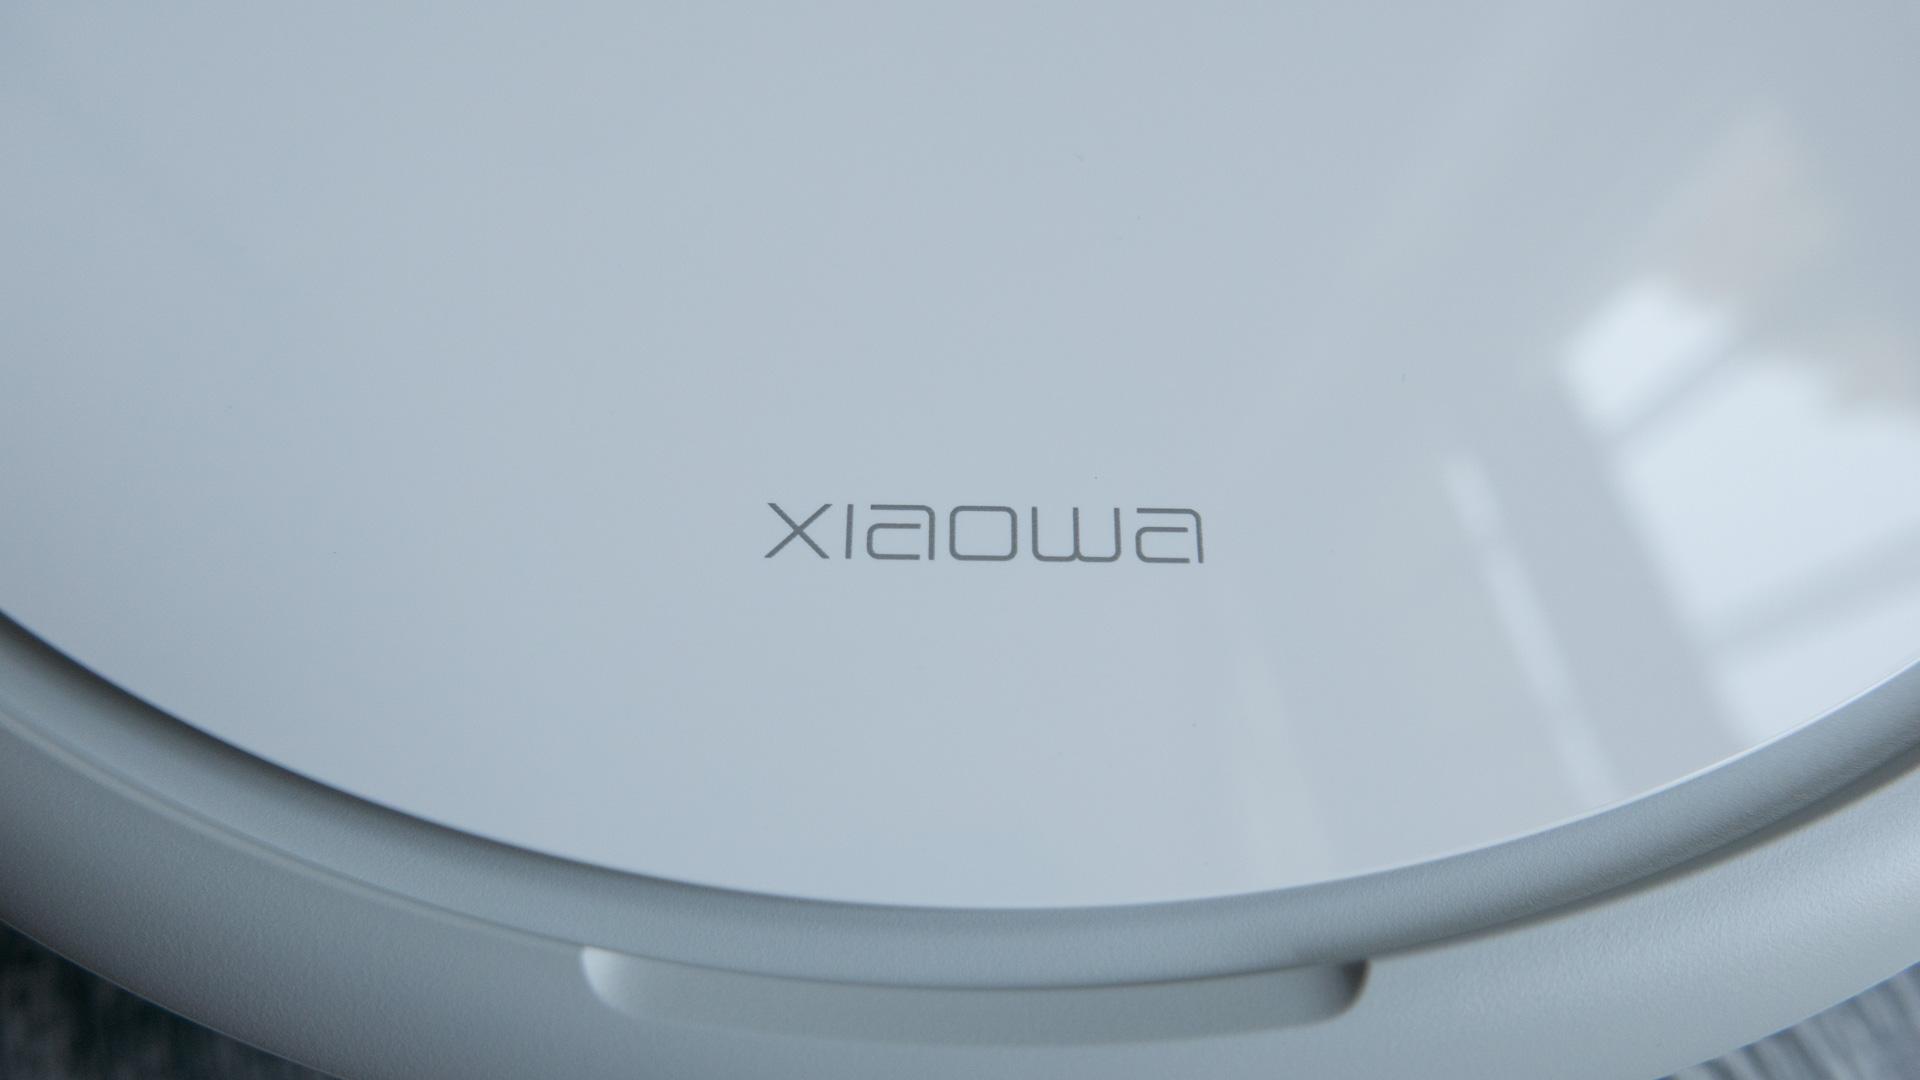 Xiaomi roborock Xiaowa Details 04